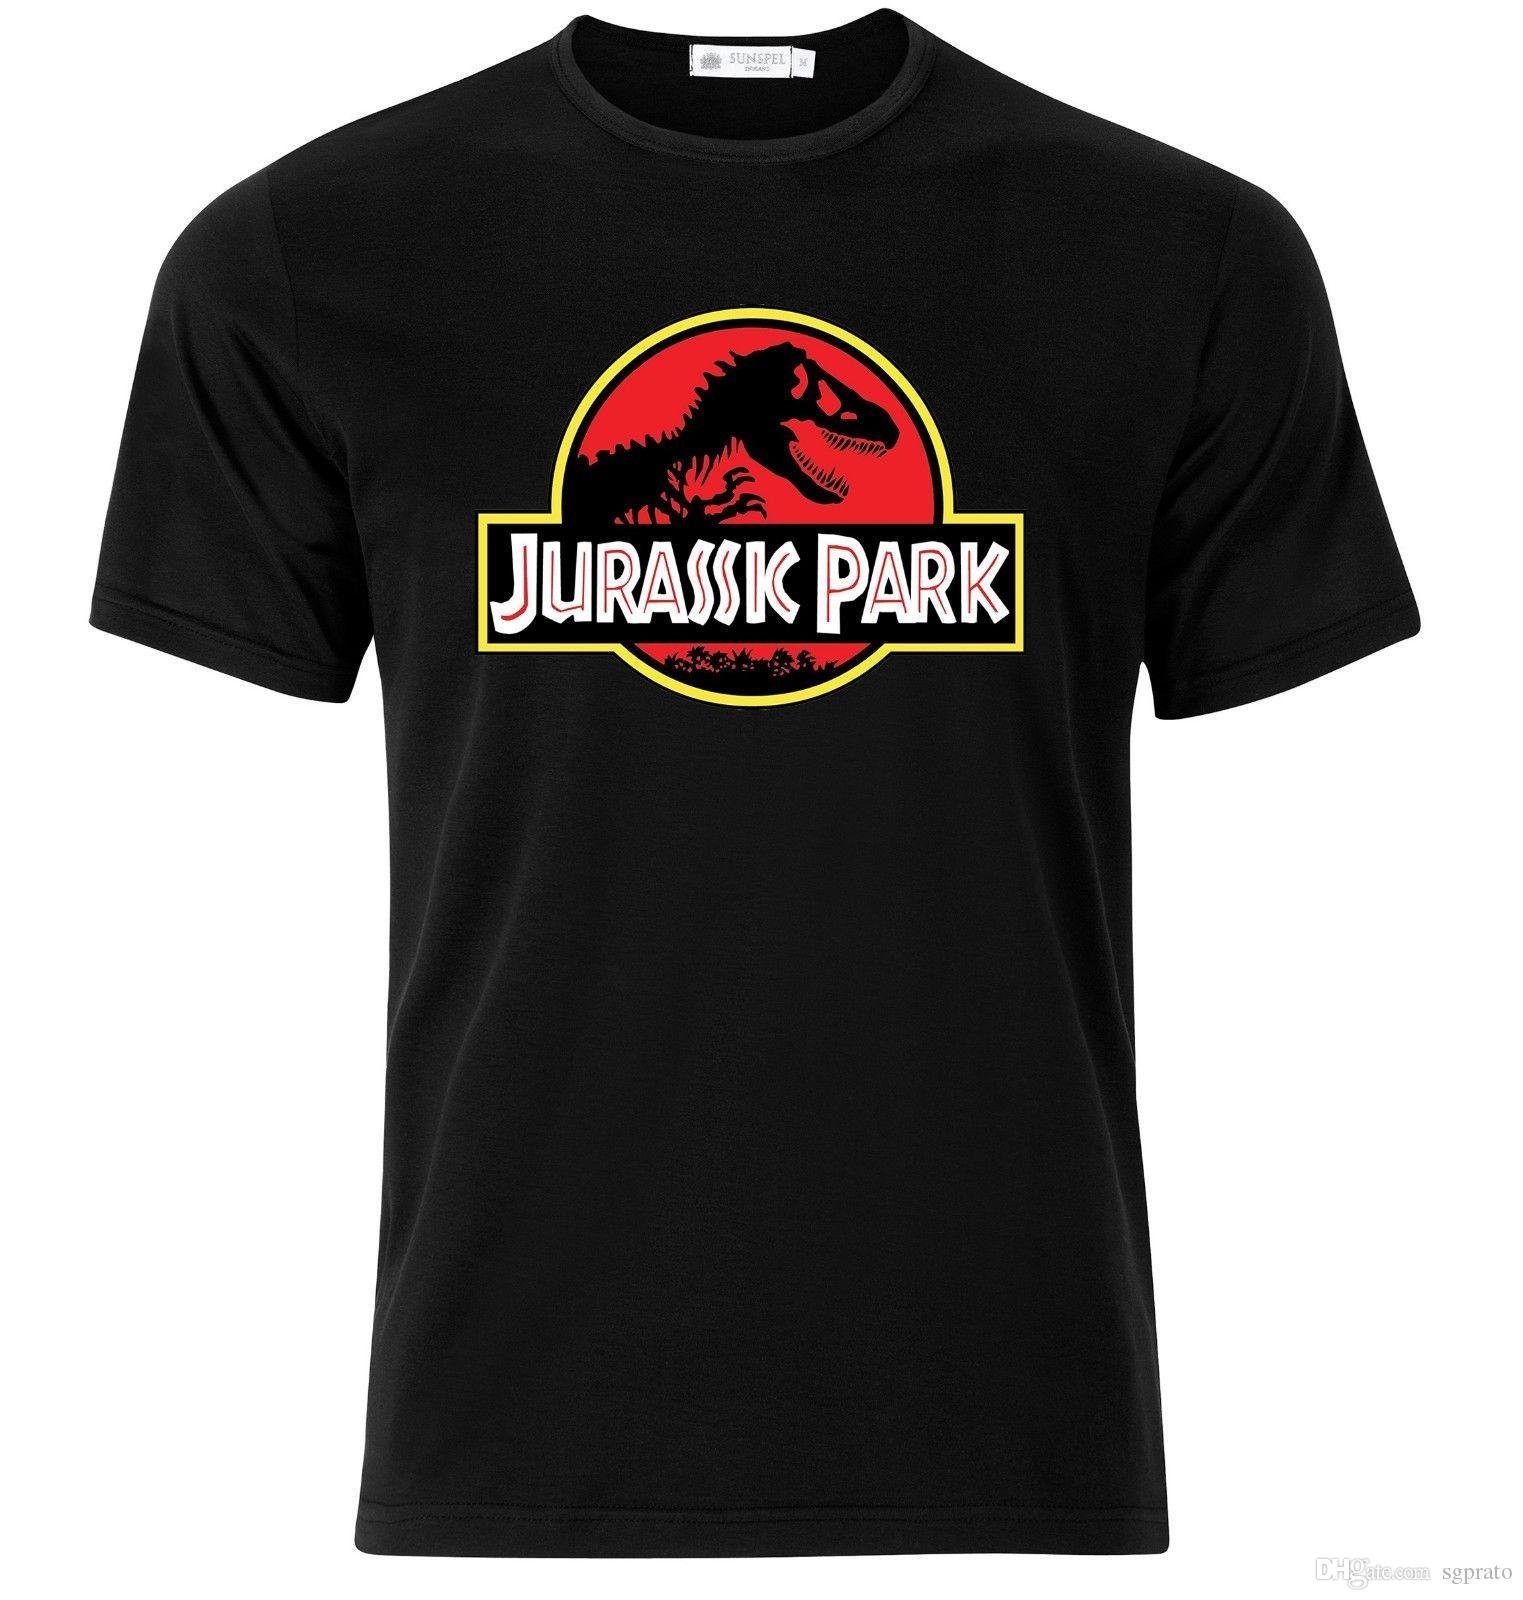 99bd64484 Compre JURASSIC PARK Camiseta Negra Disponible M L XL A  10.52 Del Sgprato